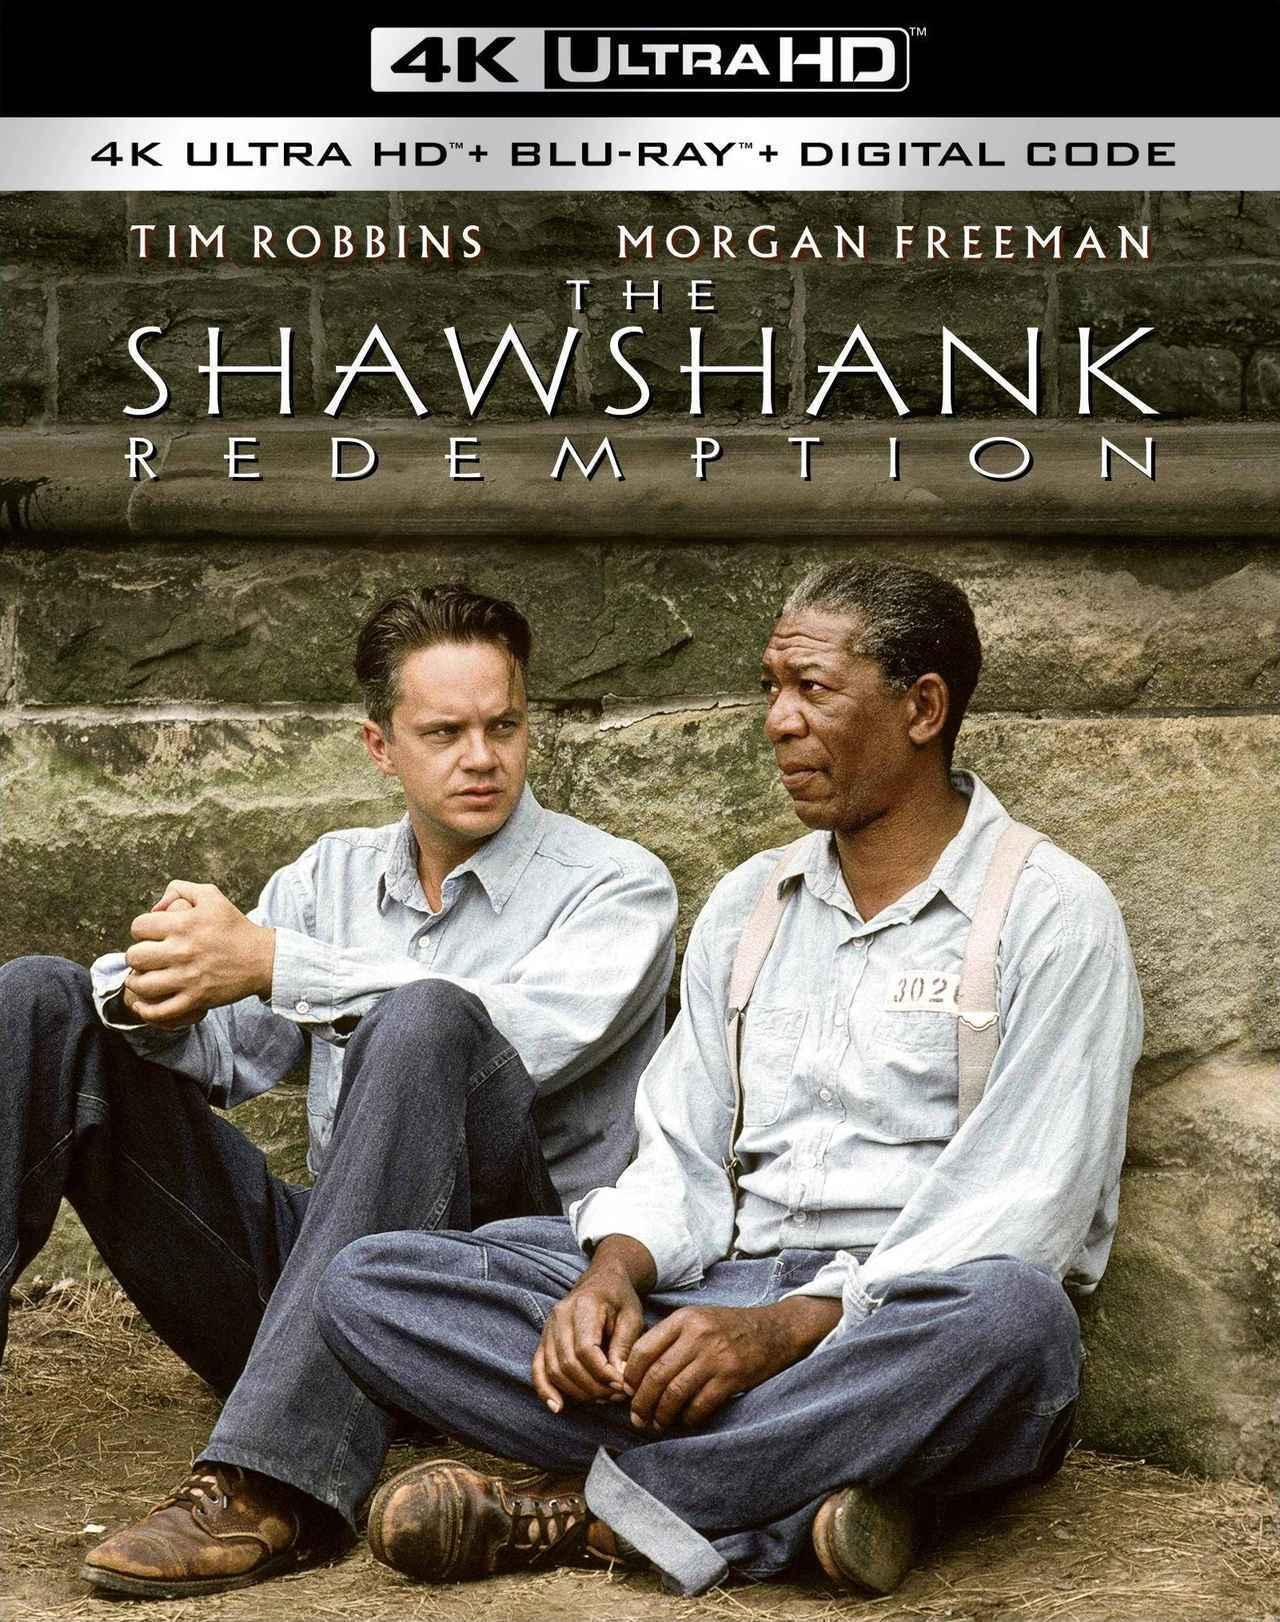 画像: S・キング原作の名画を4K化『ショーシャンクの空に』【海外盤Blu-ray発売情報】 - Stereo Sound ONLINE